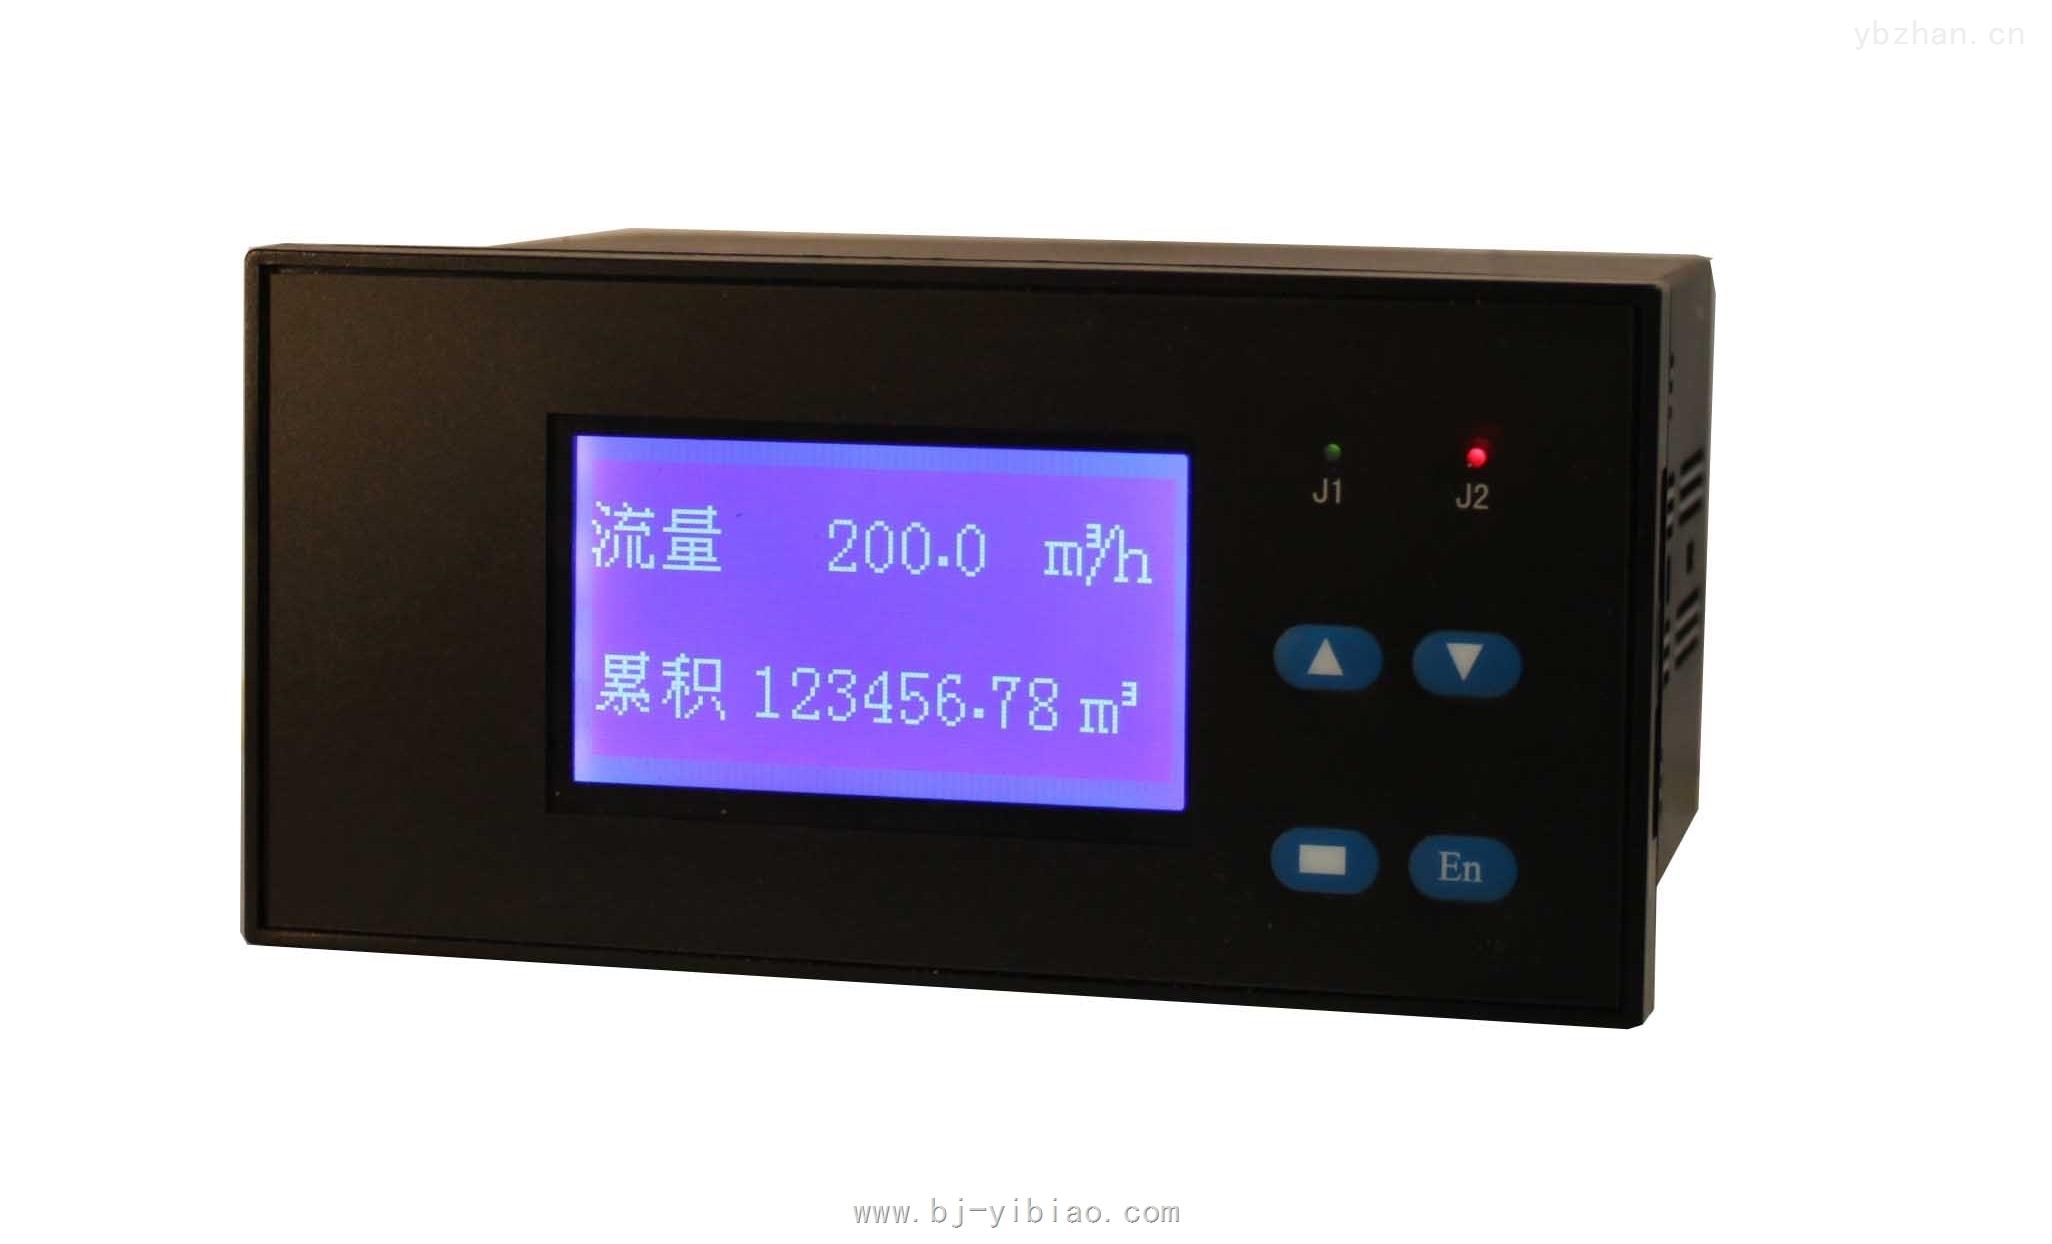 YK-98M-北京明渠流量积算仪生产厂家 直接生产卖给用户